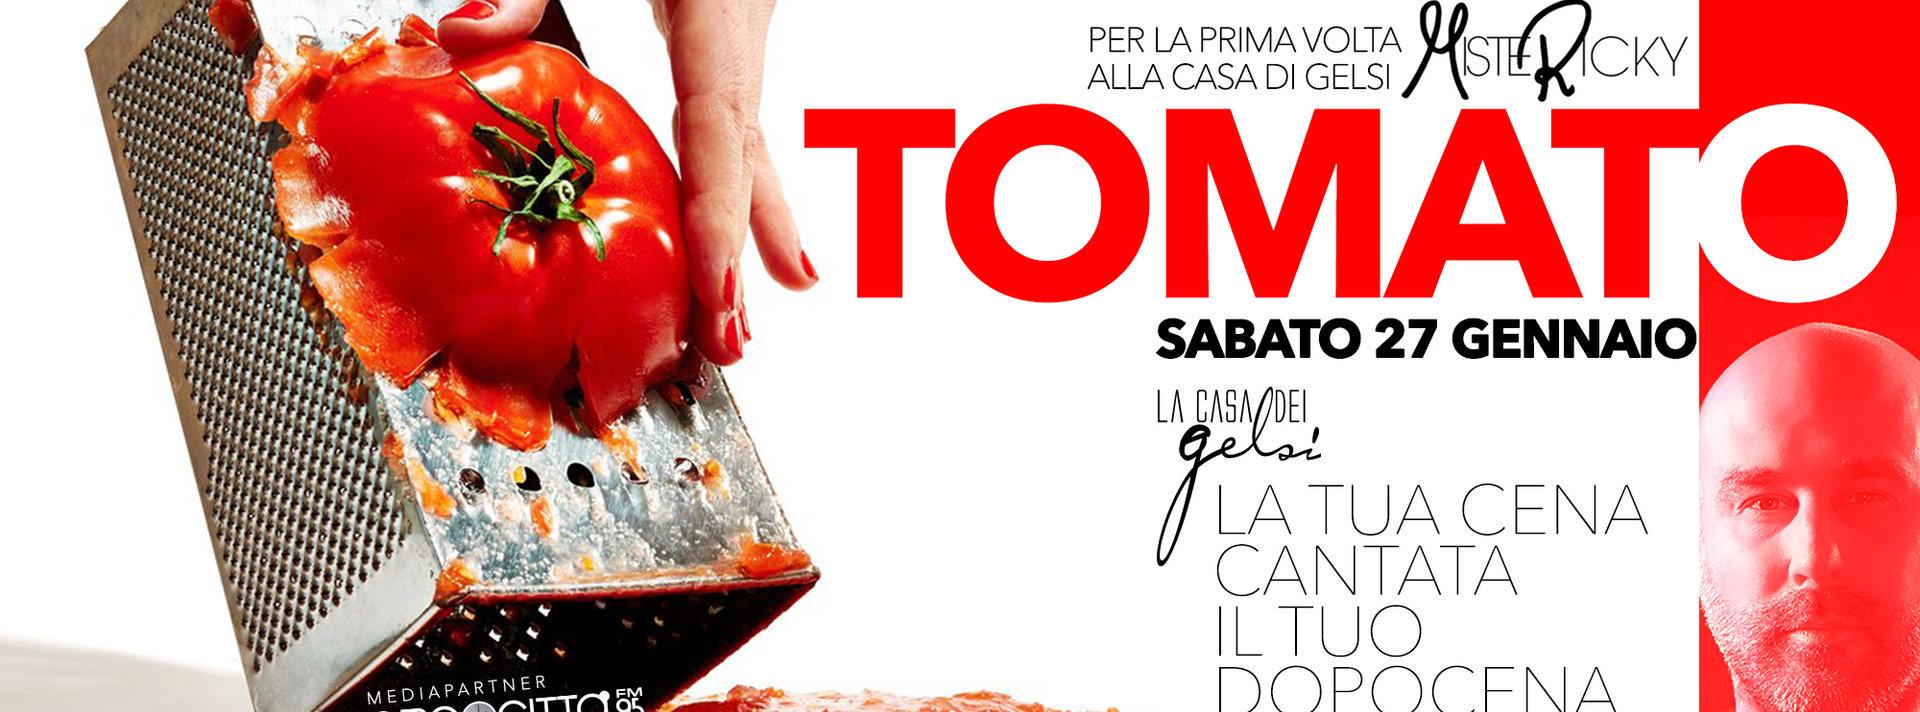 Tomato - sabato sera alla Casa dei Gelsi